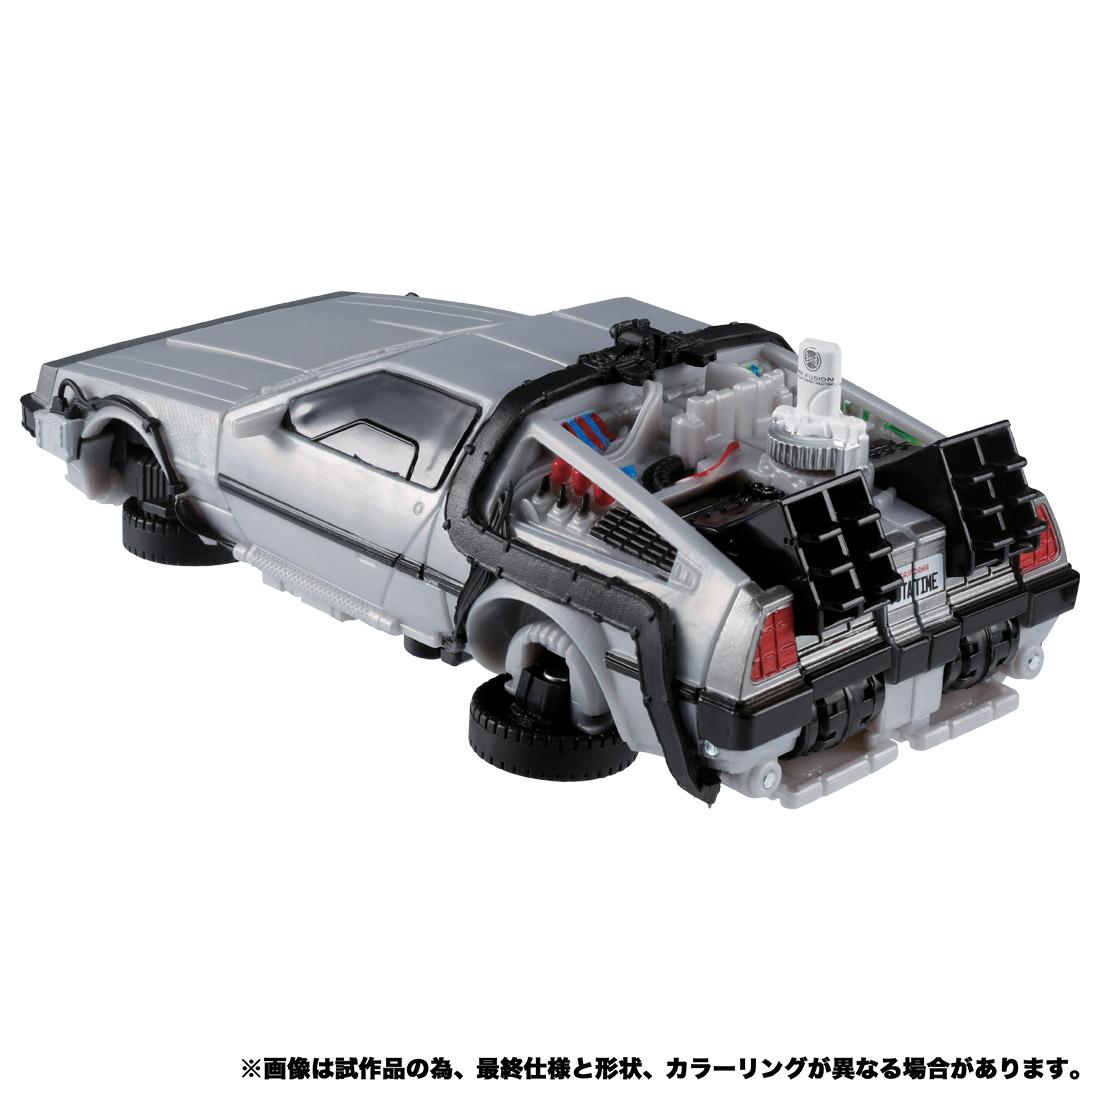 バック・トゥ・ザ・フューチャー35周年記念コラボ商品『トランスフォーマー GIGAWATT(ギガワット)』可変可動フィギュア-006